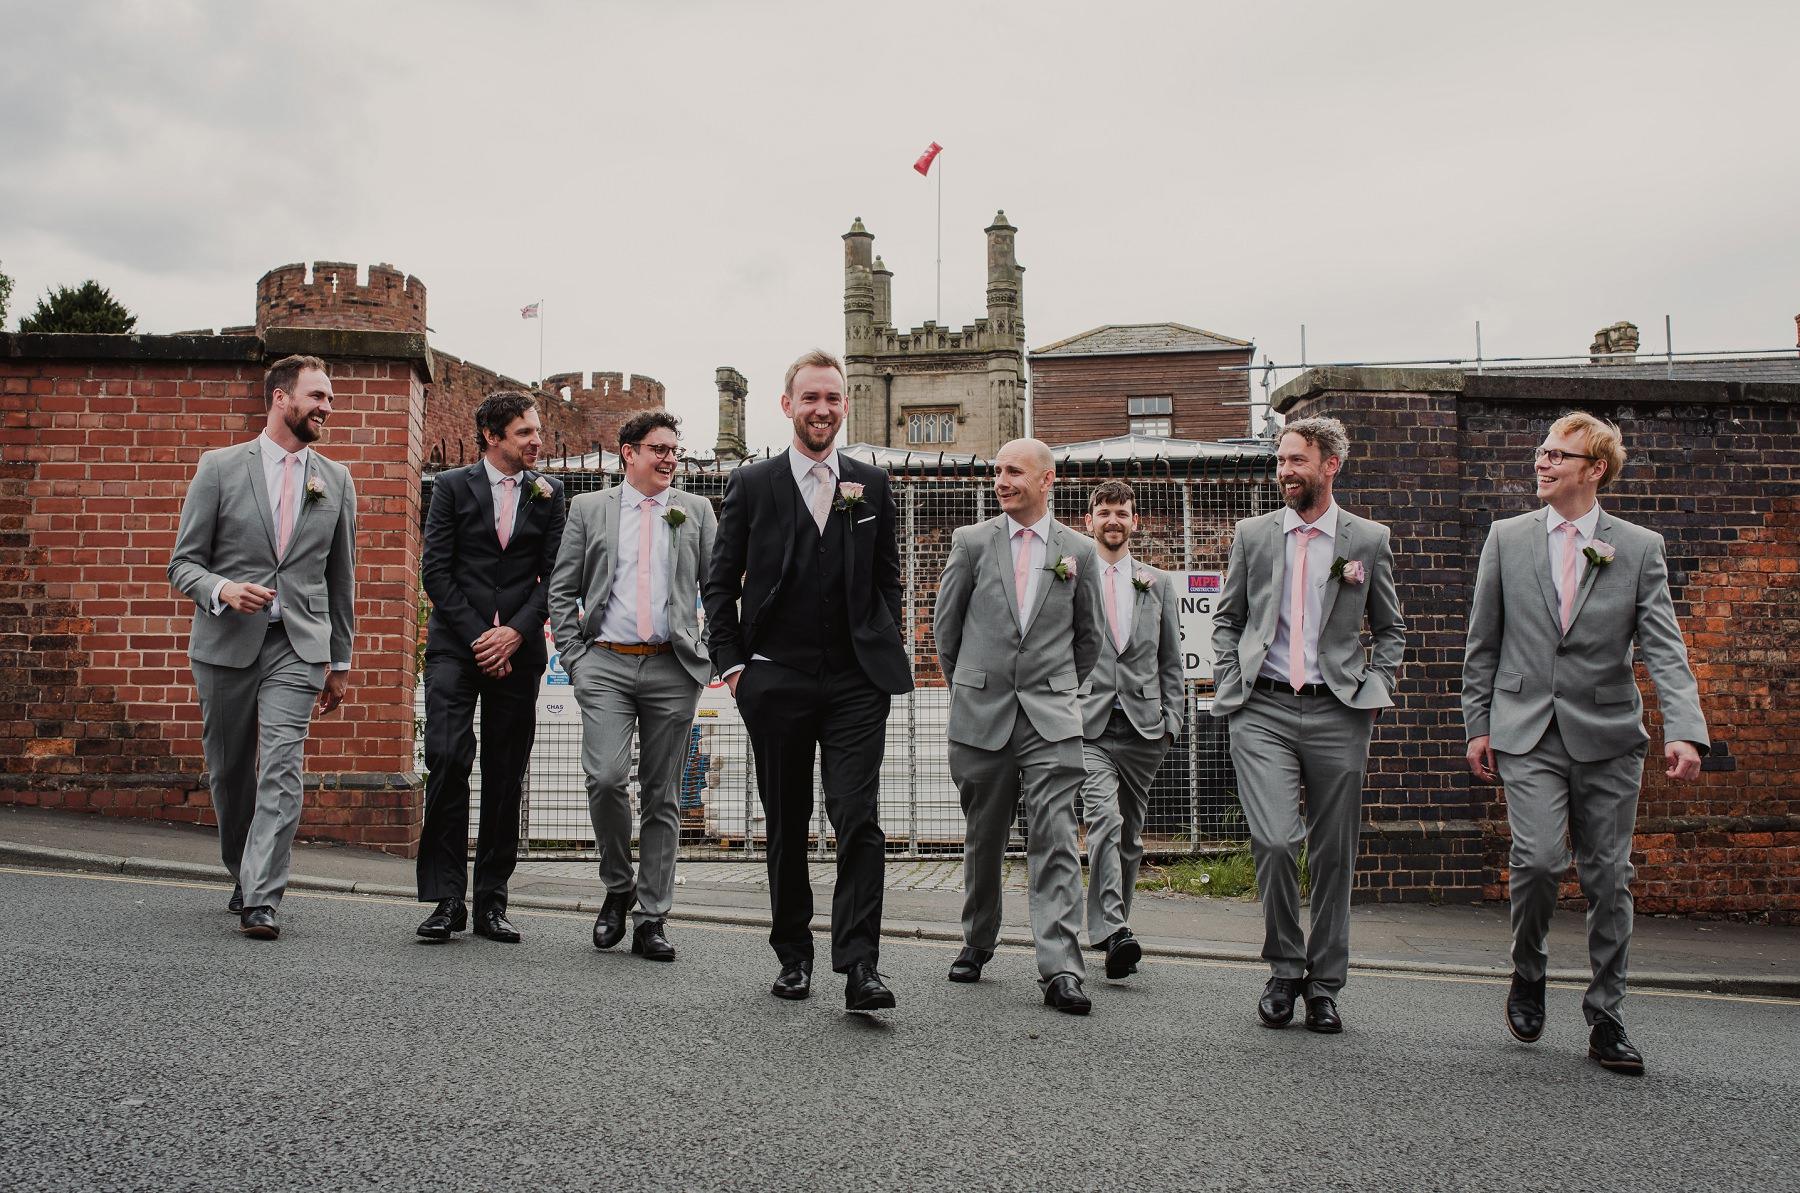 emma_steffan_wedding_buttermarket_0103.jpg